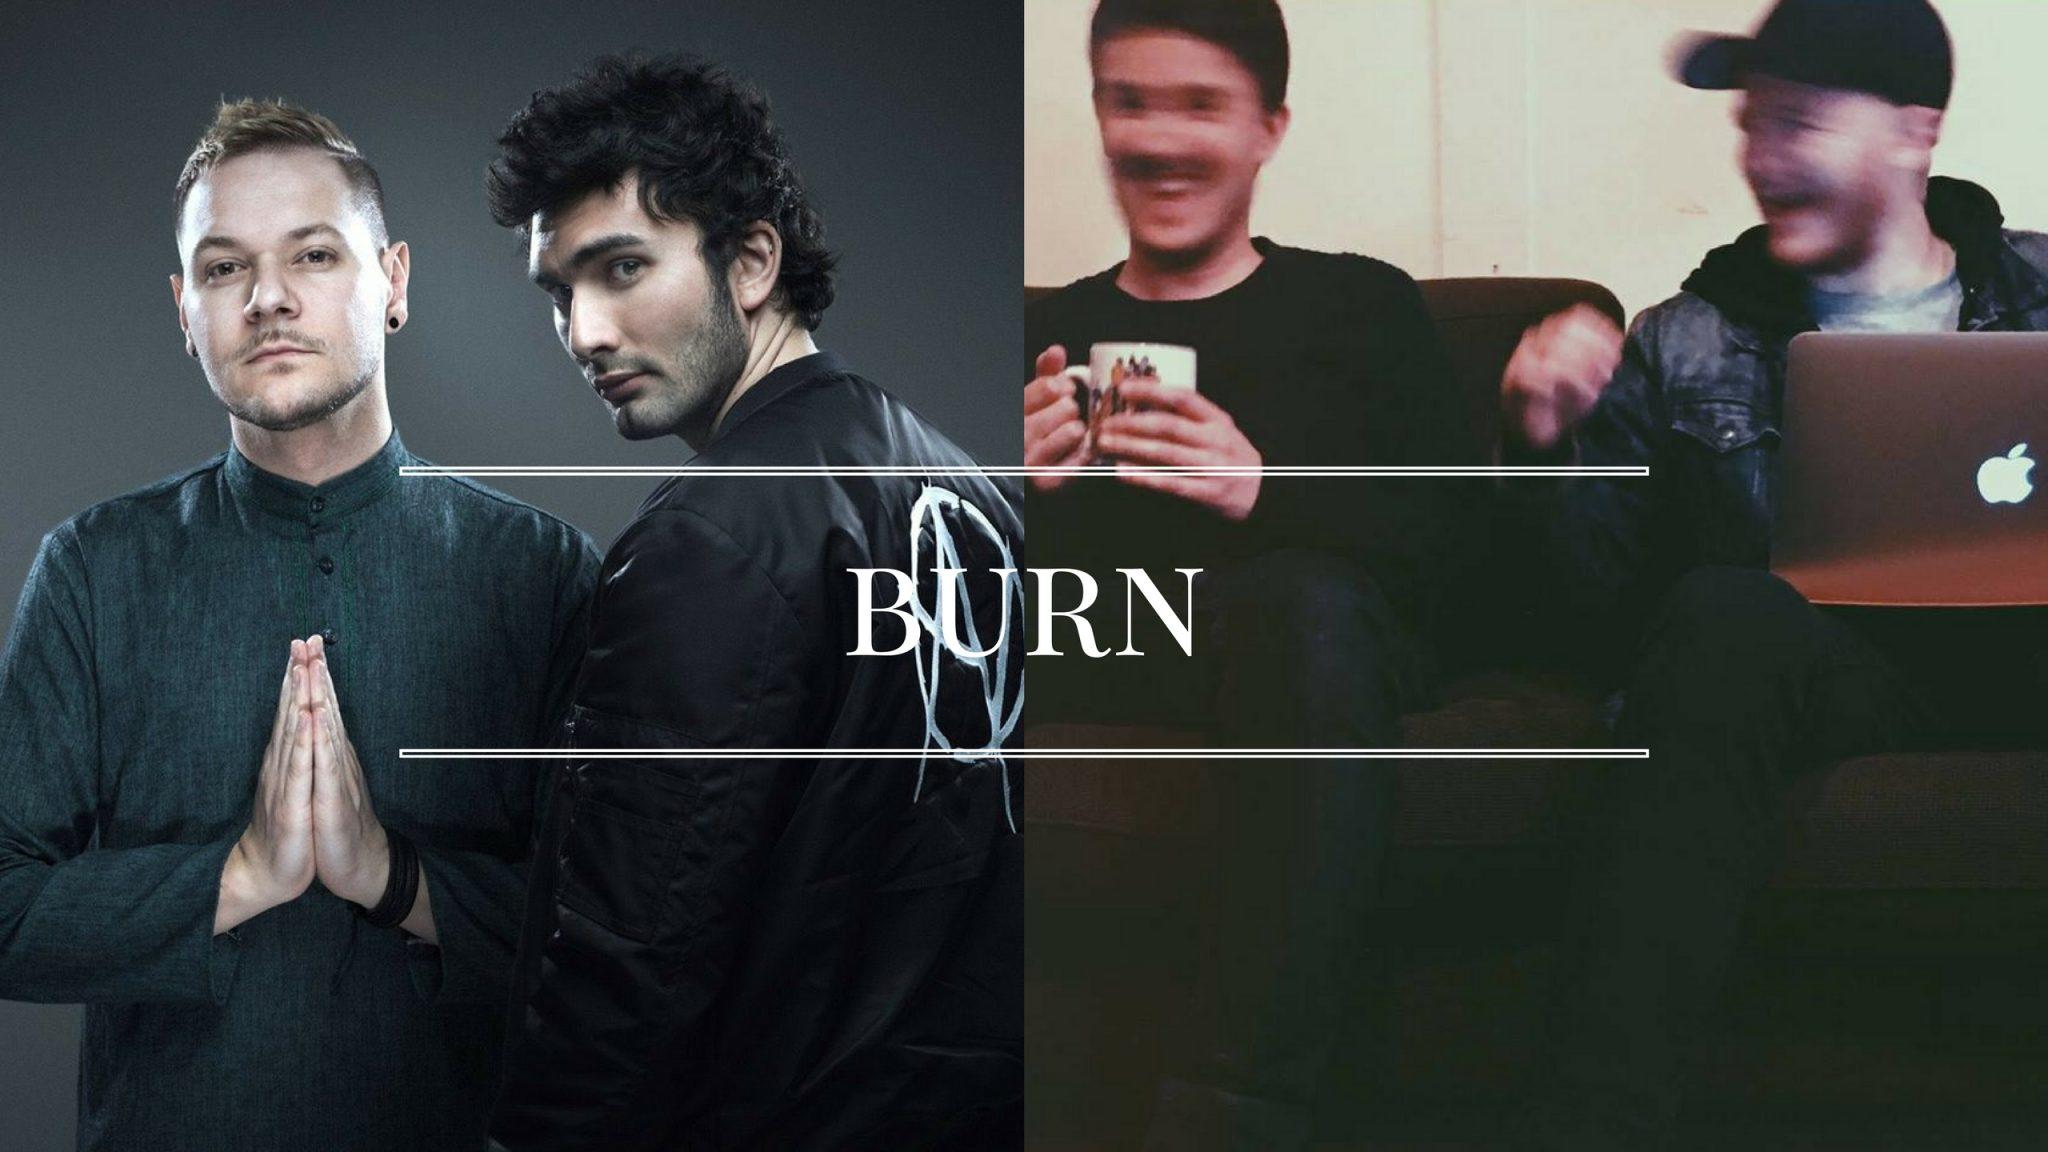 listen-burn-by-marnik-ft-rookies-indie-indie music-indie pop-music blog-indie blog-wolf in a suit-wolfinasuit